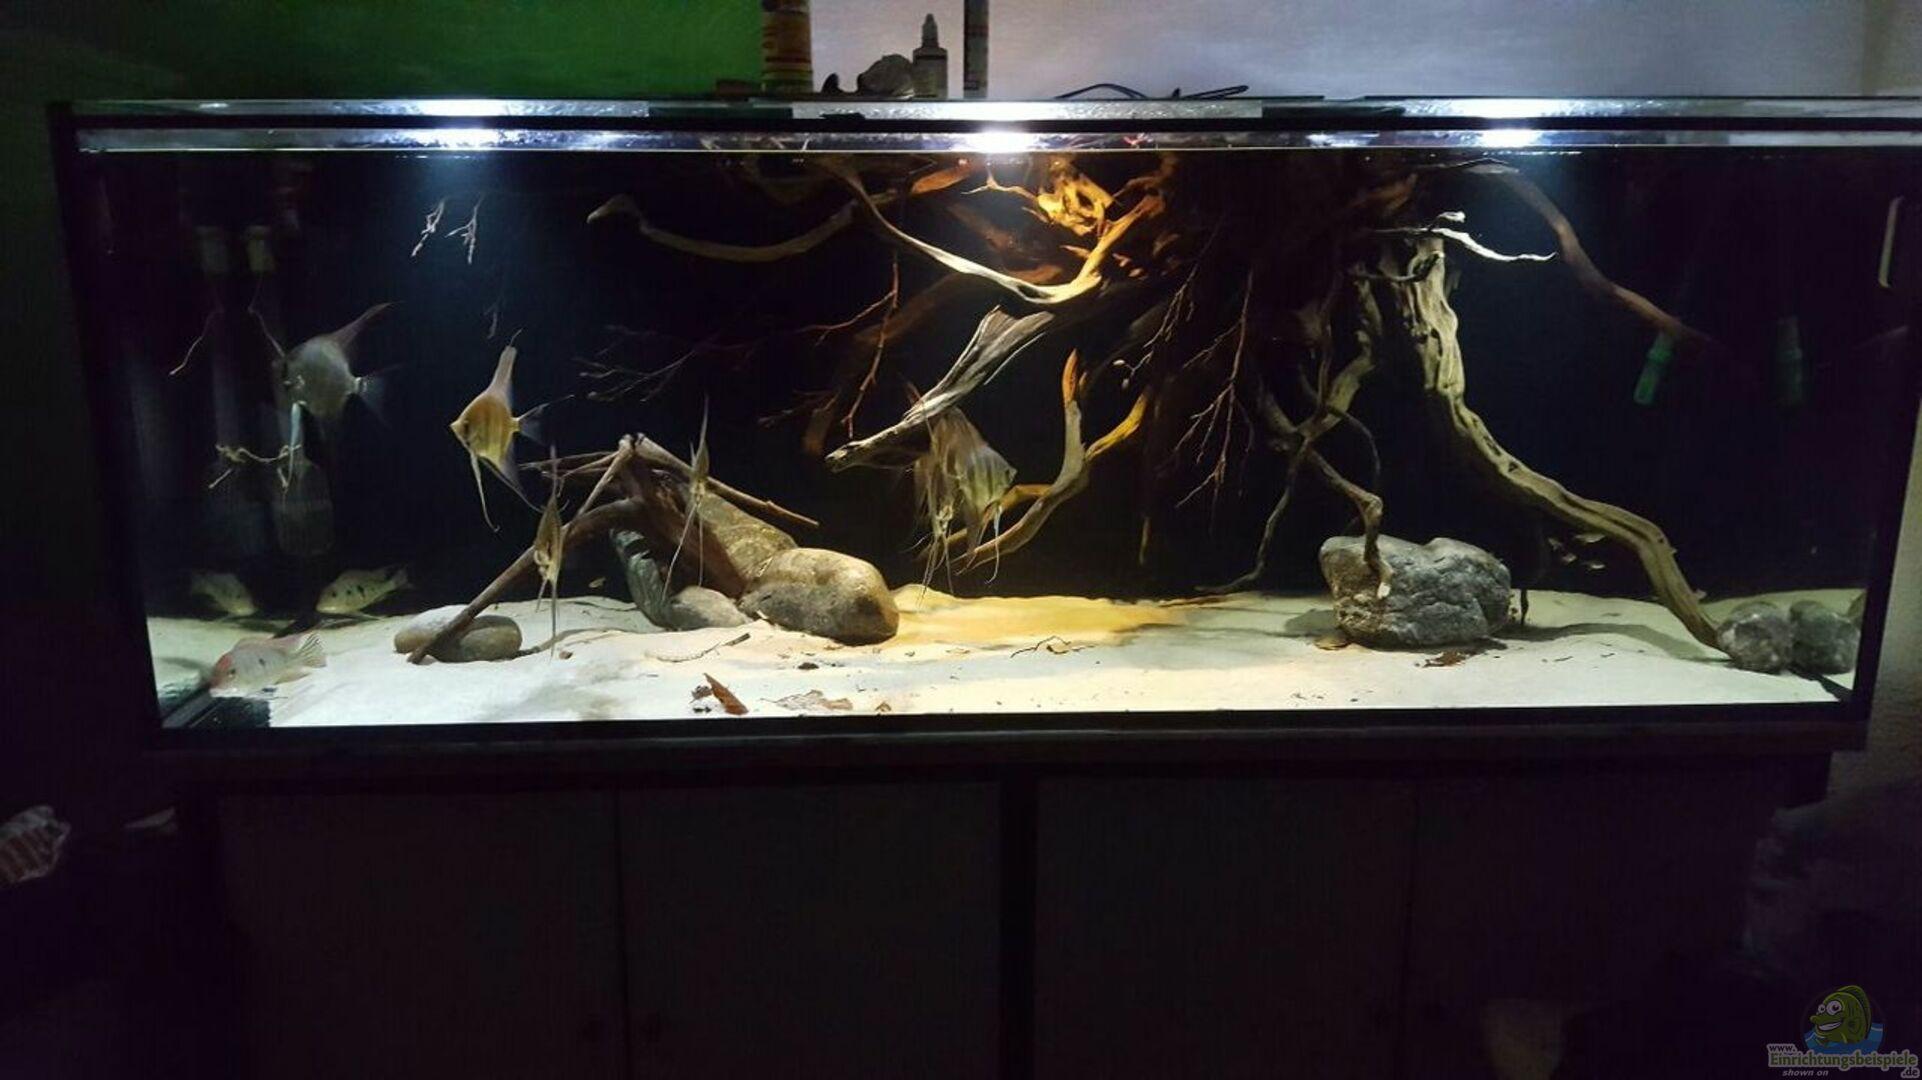 aquarium von der fischer 32562 1000l altum biotop. Black Bedroom Furniture Sets. Home Design Ideas